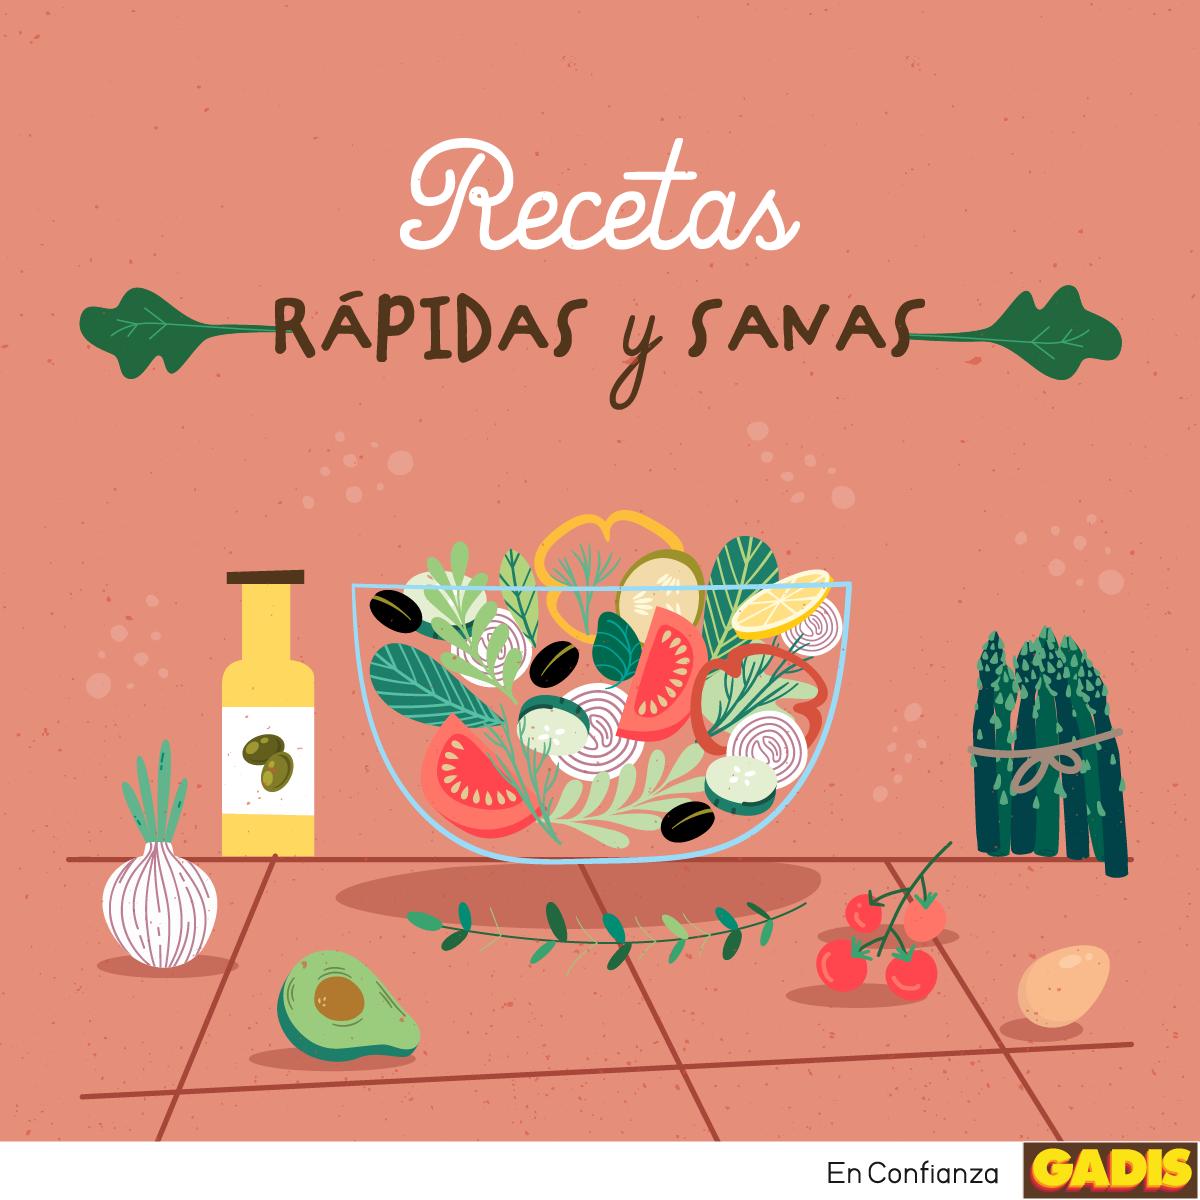 RECETAS RÁPIDAS Y SANAS – ¡A cocinar!